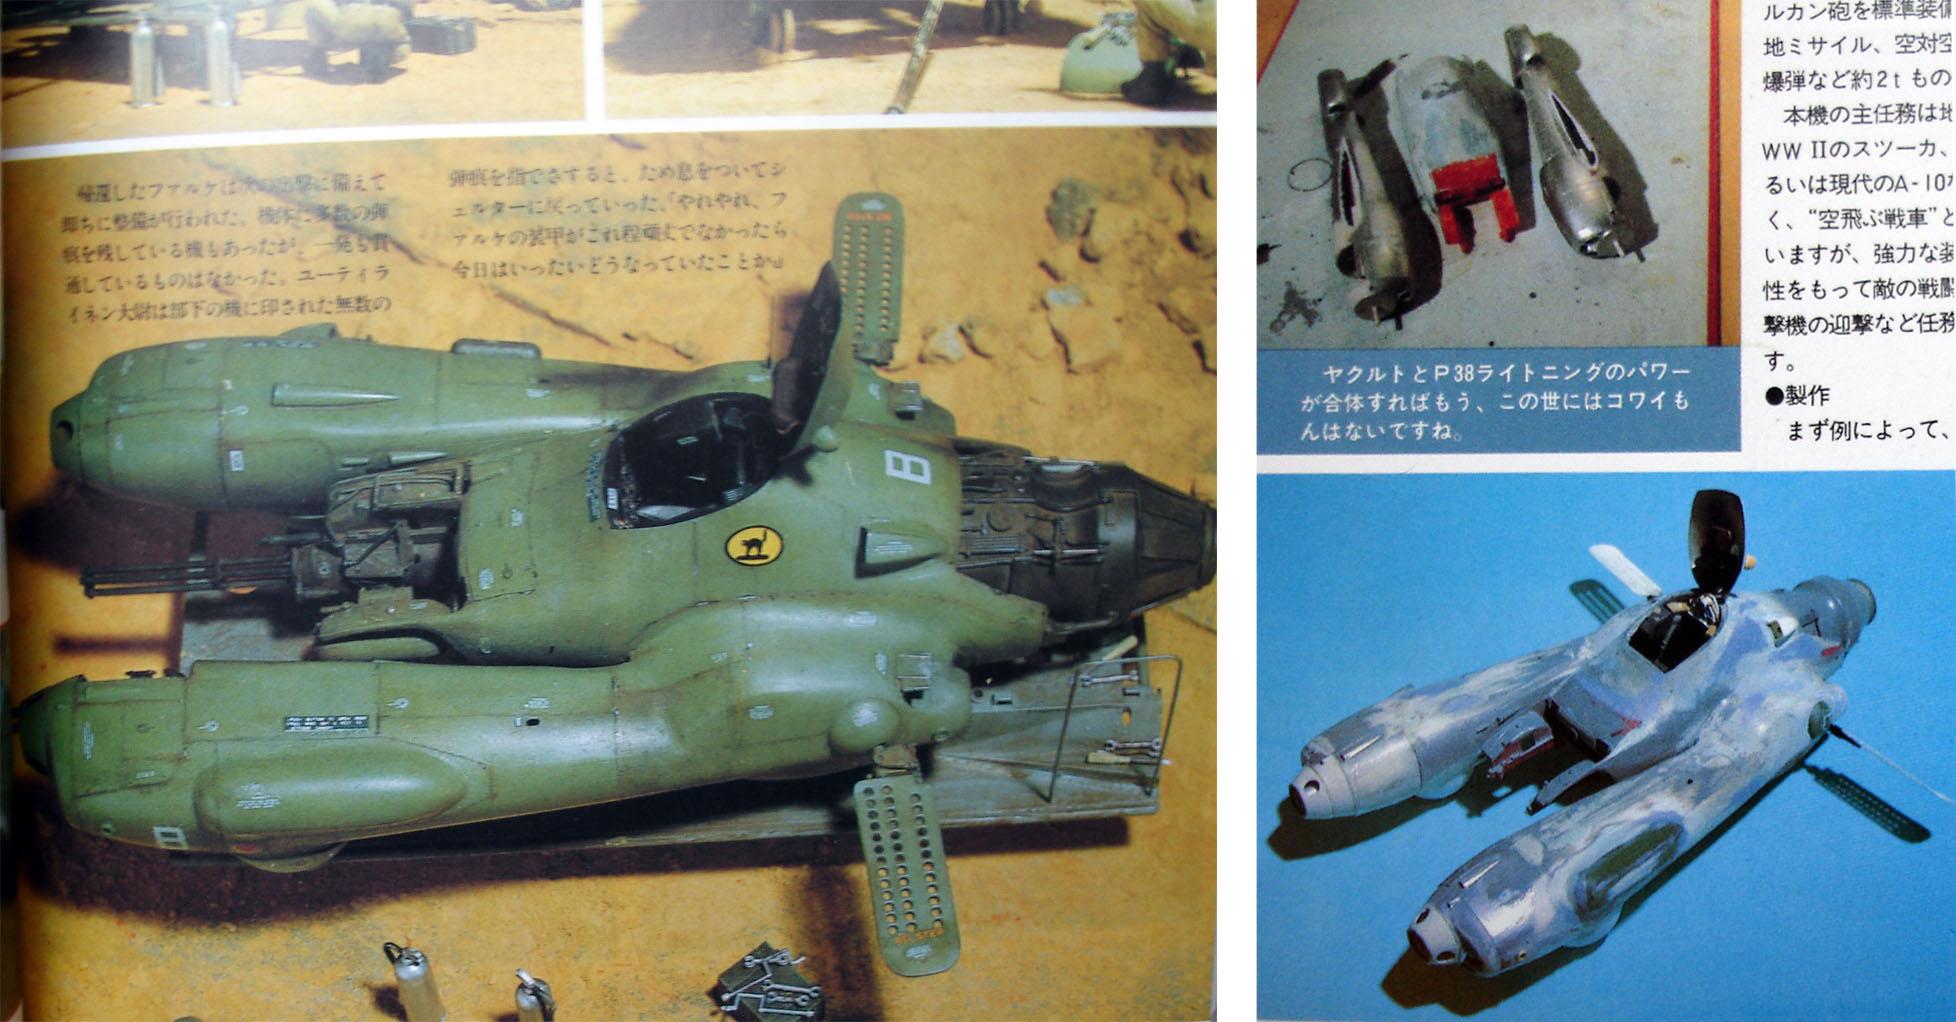 Le Falke de Kow Yokohama, un célèbre kitbash devenu par la suite un kit commercial.